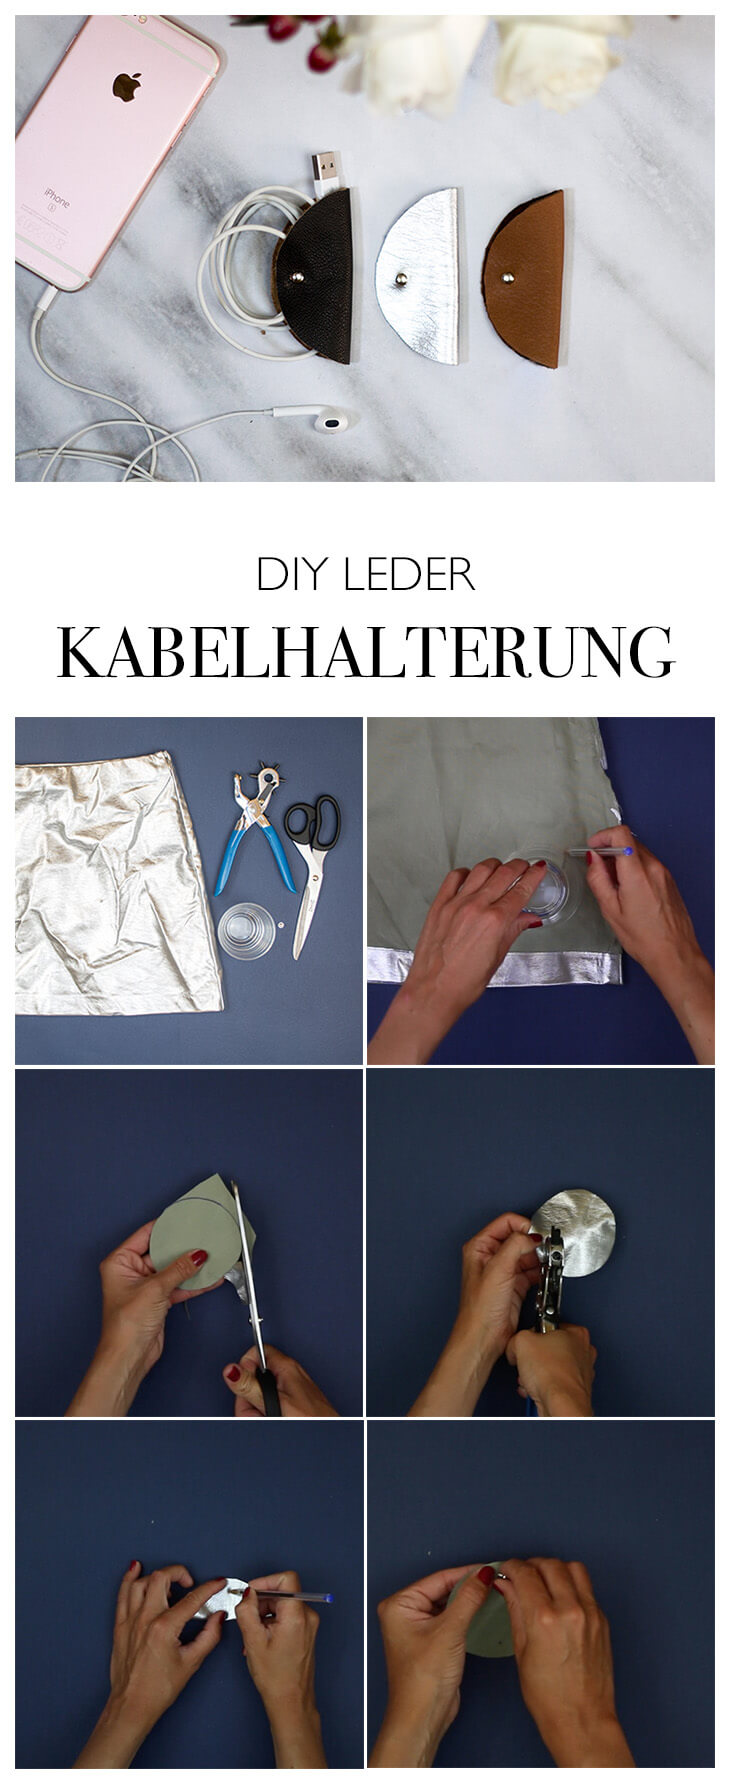 LEDER DIY - EINFACH GESCHENKIDEE - KABEL ORGANISER